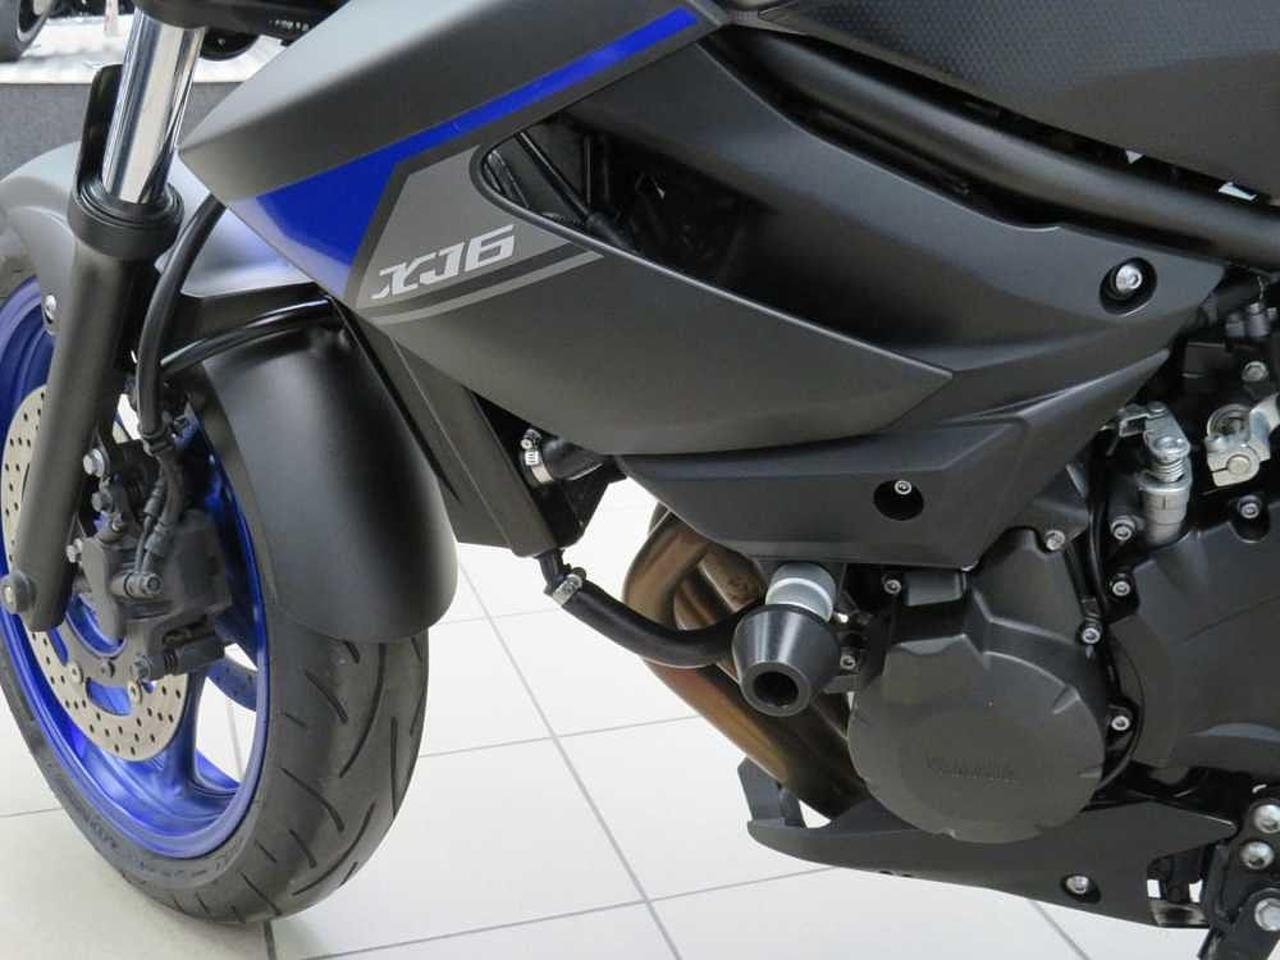 YAMAHA XJ6N 600CC Motorbike fz600 naked bike   in